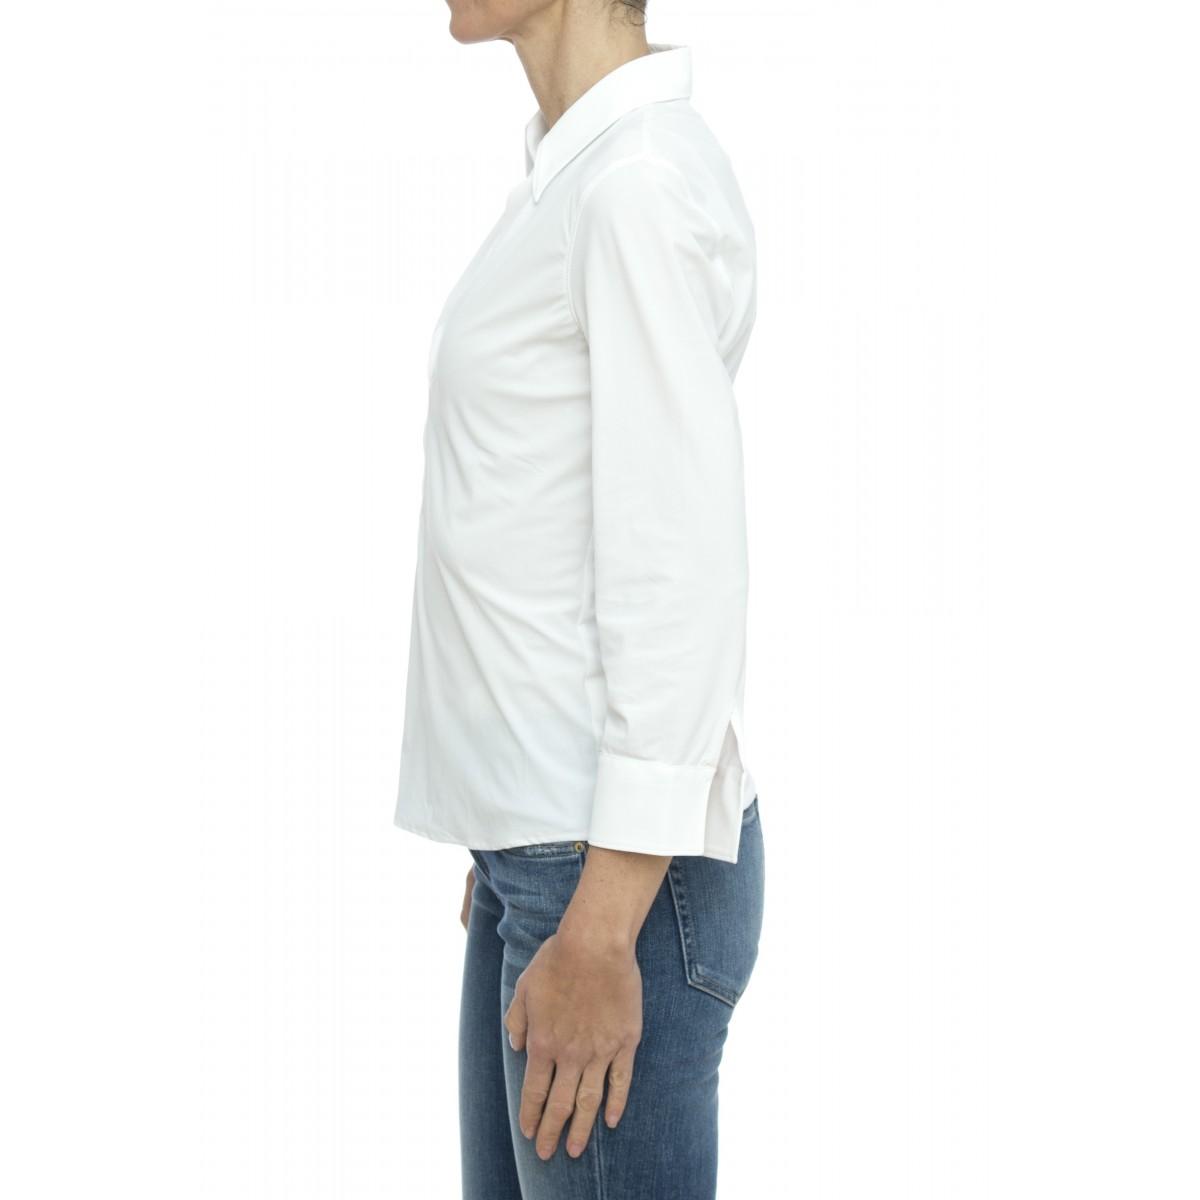 Camicia donna - 8au z9s skin like no stiro